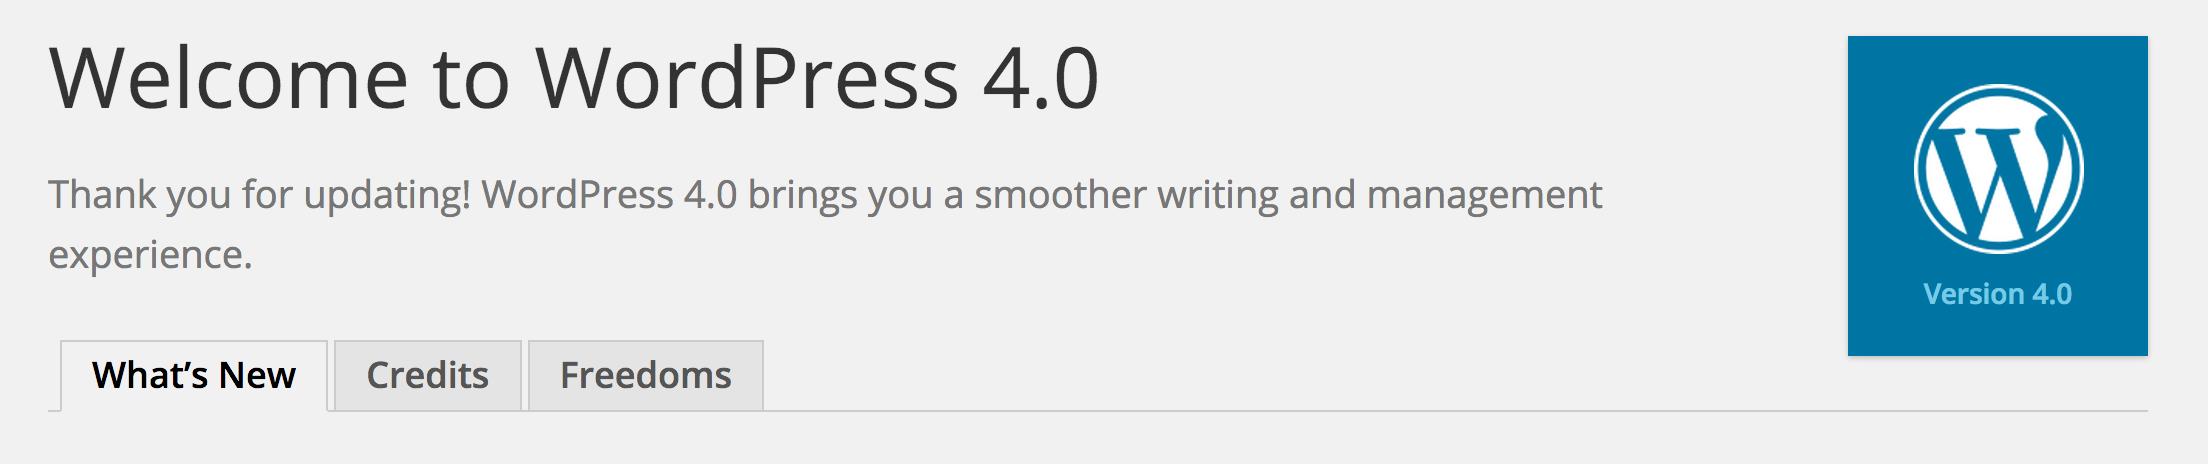 WordPress 4.0 Release